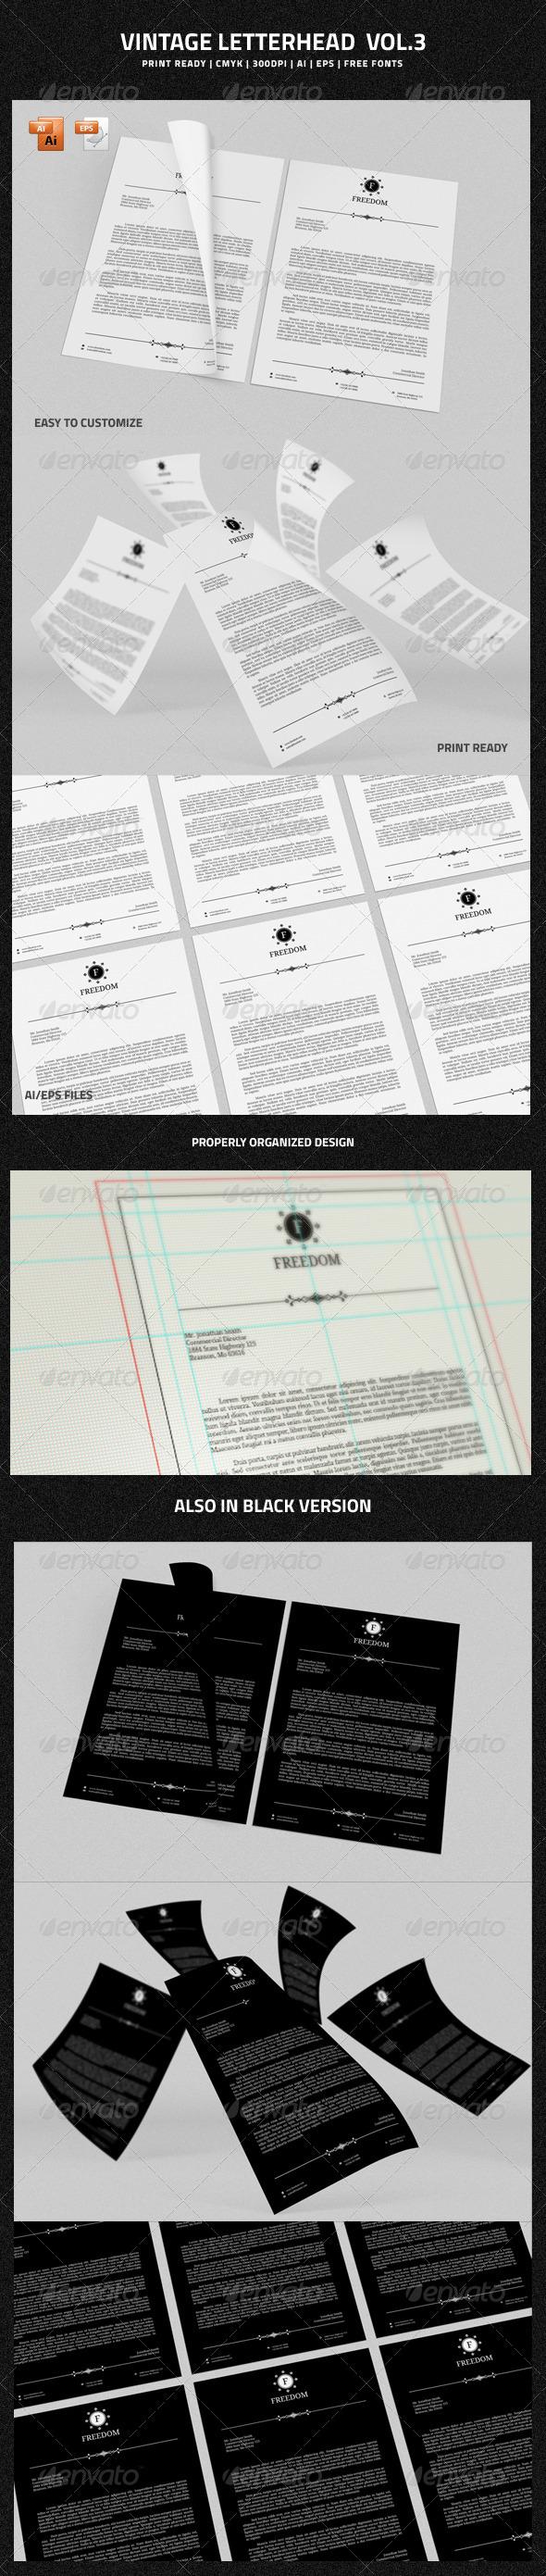 GraphicRiver Vintage Letterhead vol.3 6659241